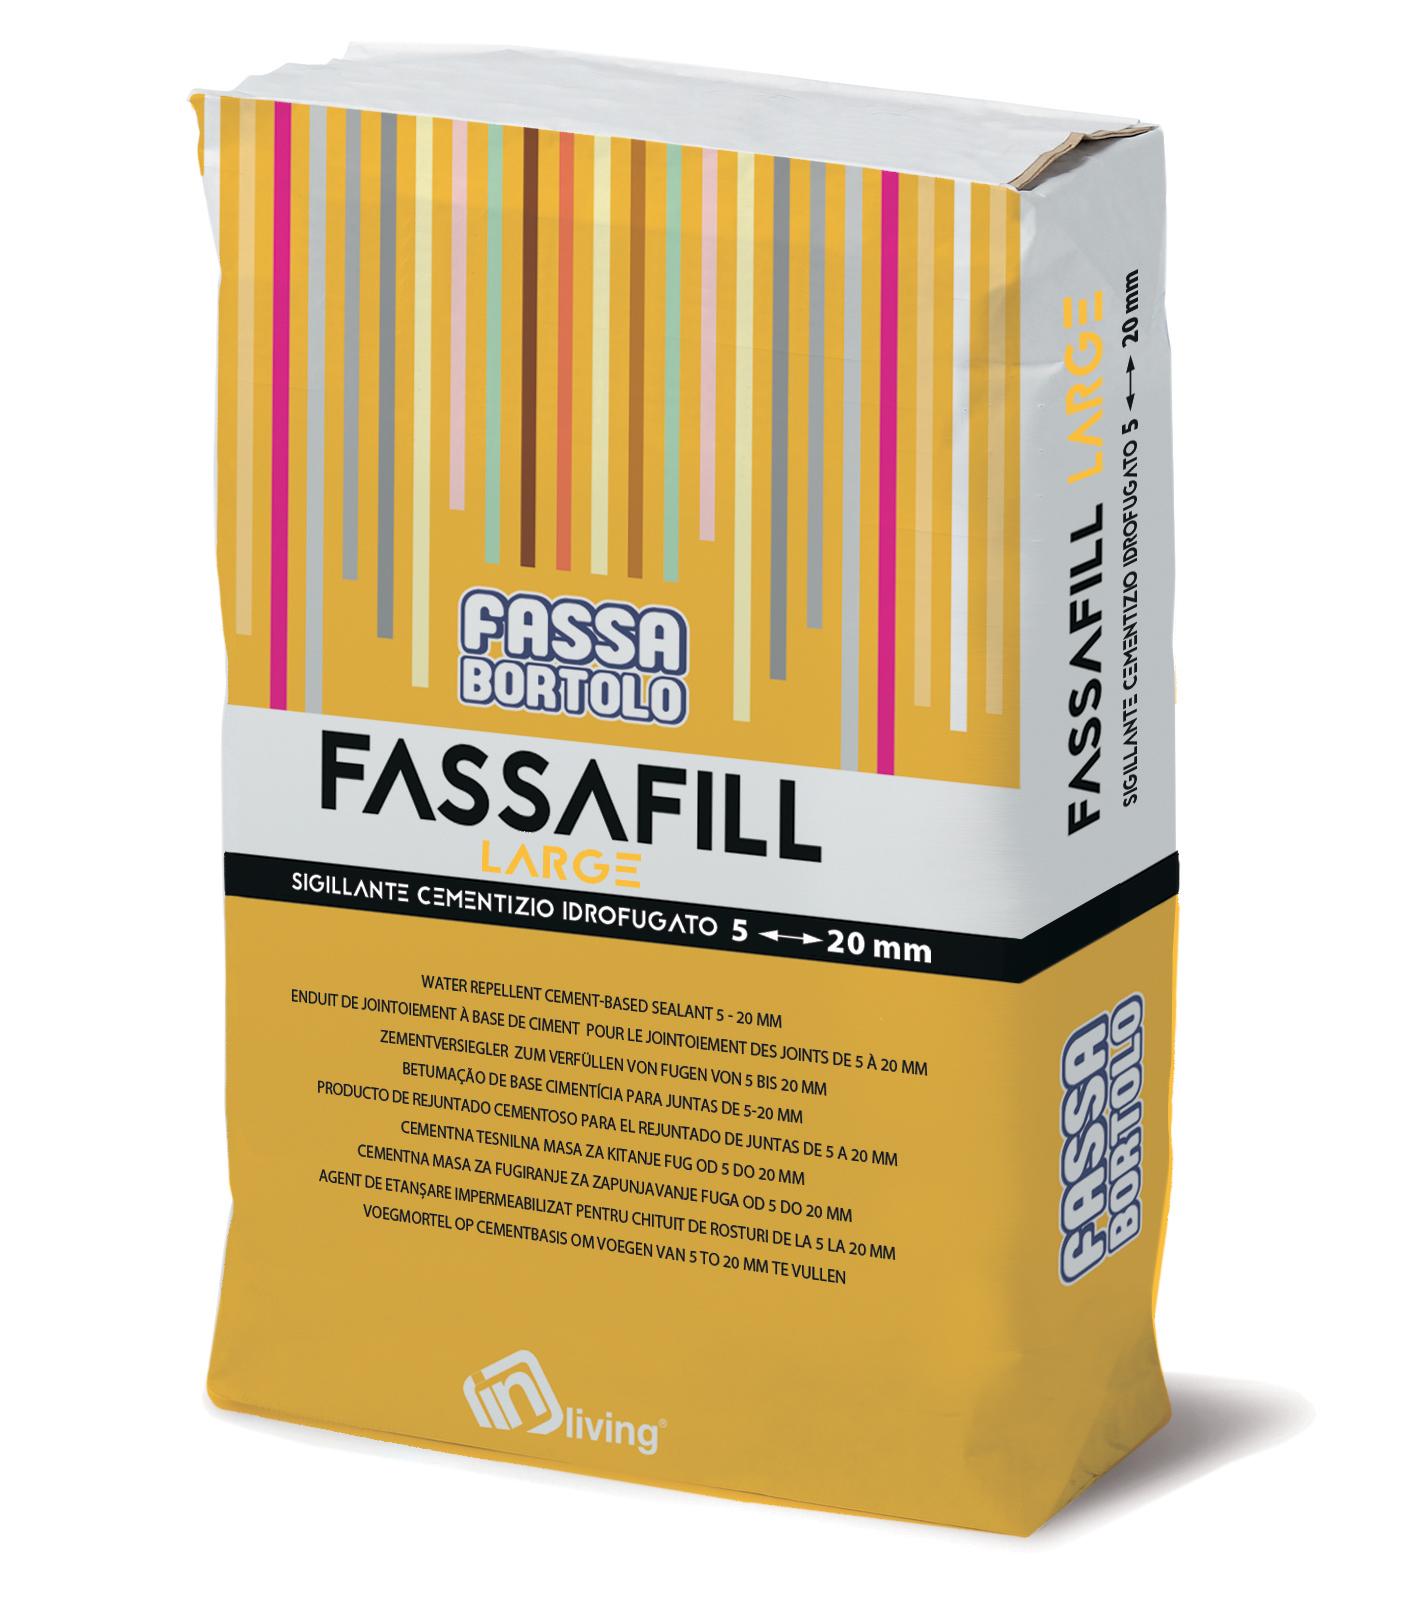 FASSAFILL LARGE